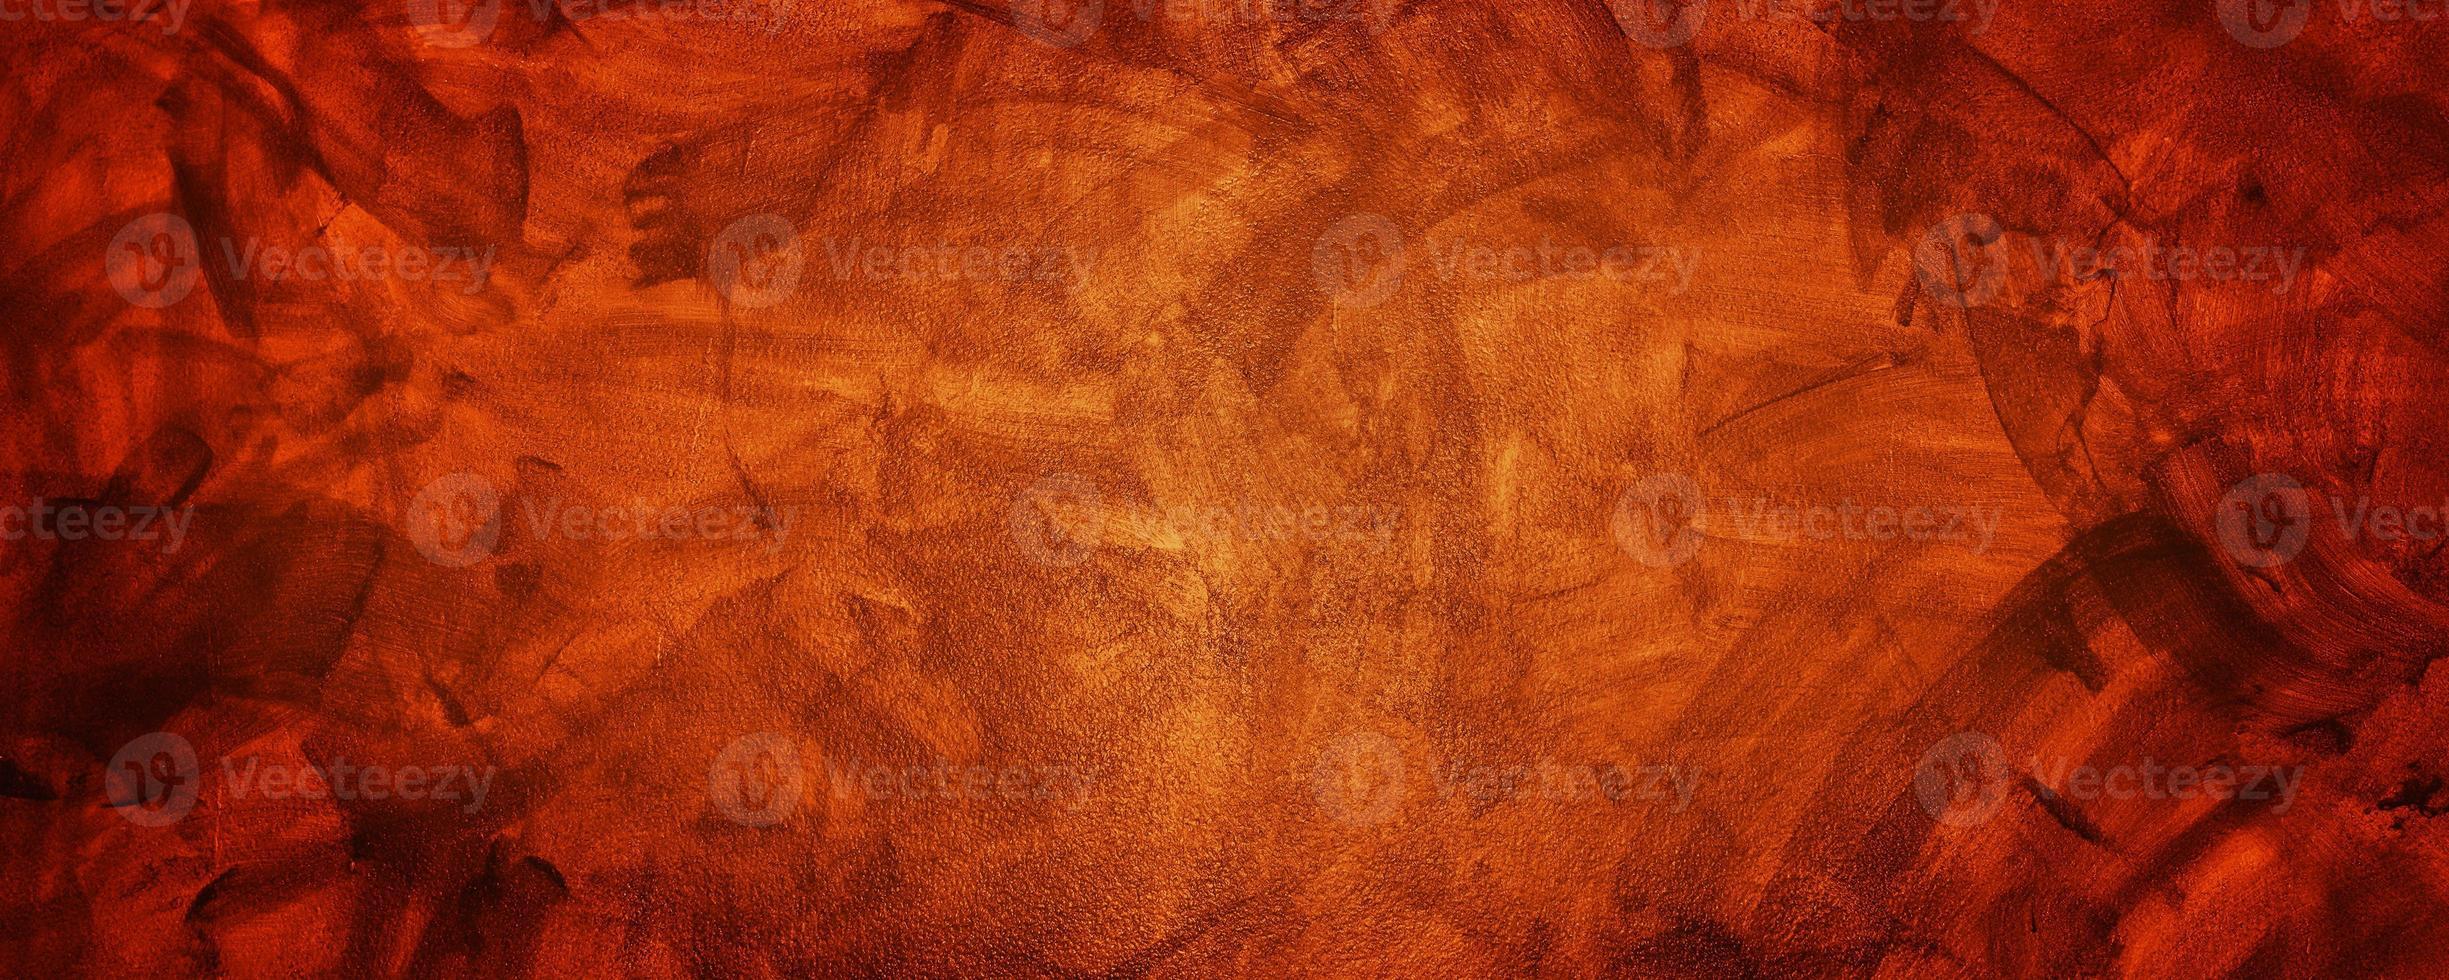 Mur de ciment ou de béton jaune et orange foncé pour le fond ou la texture photo